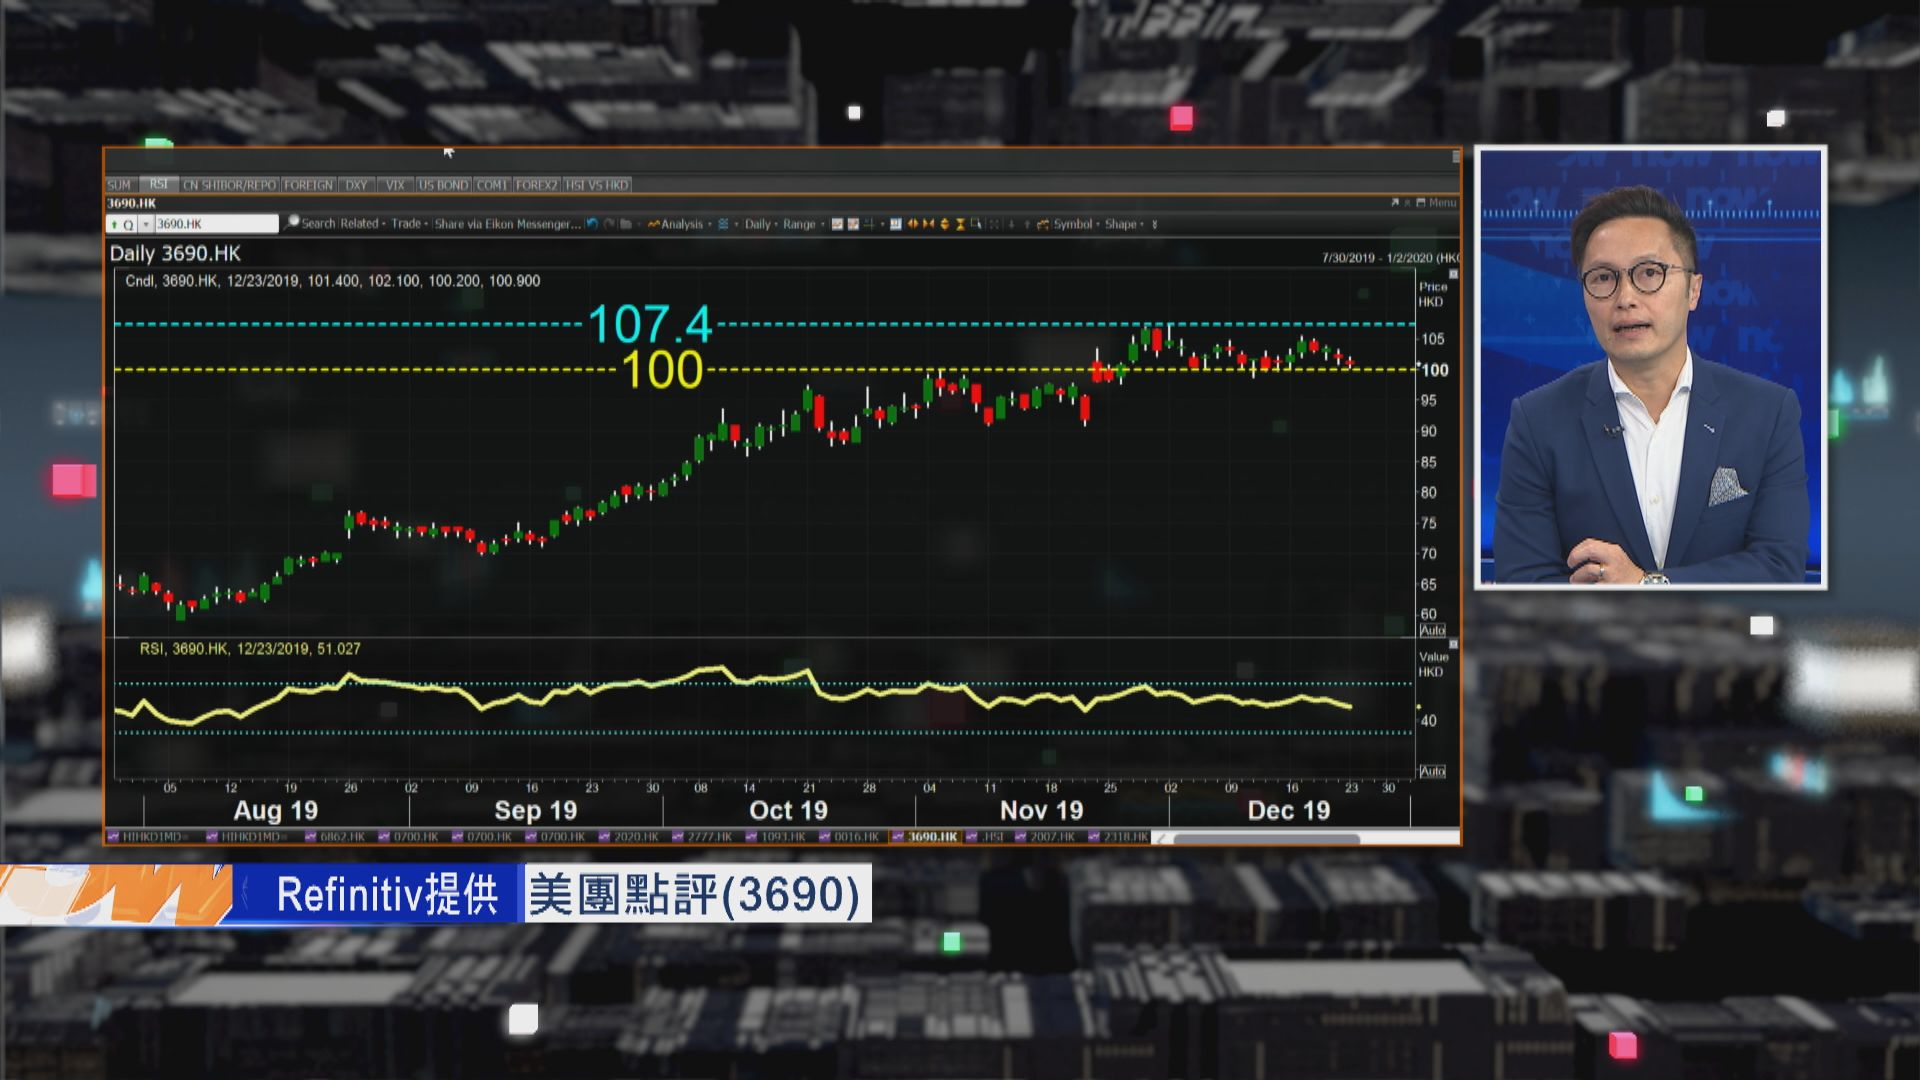 【財經TOP SEARCH】新經濟股繼續被熱捧?